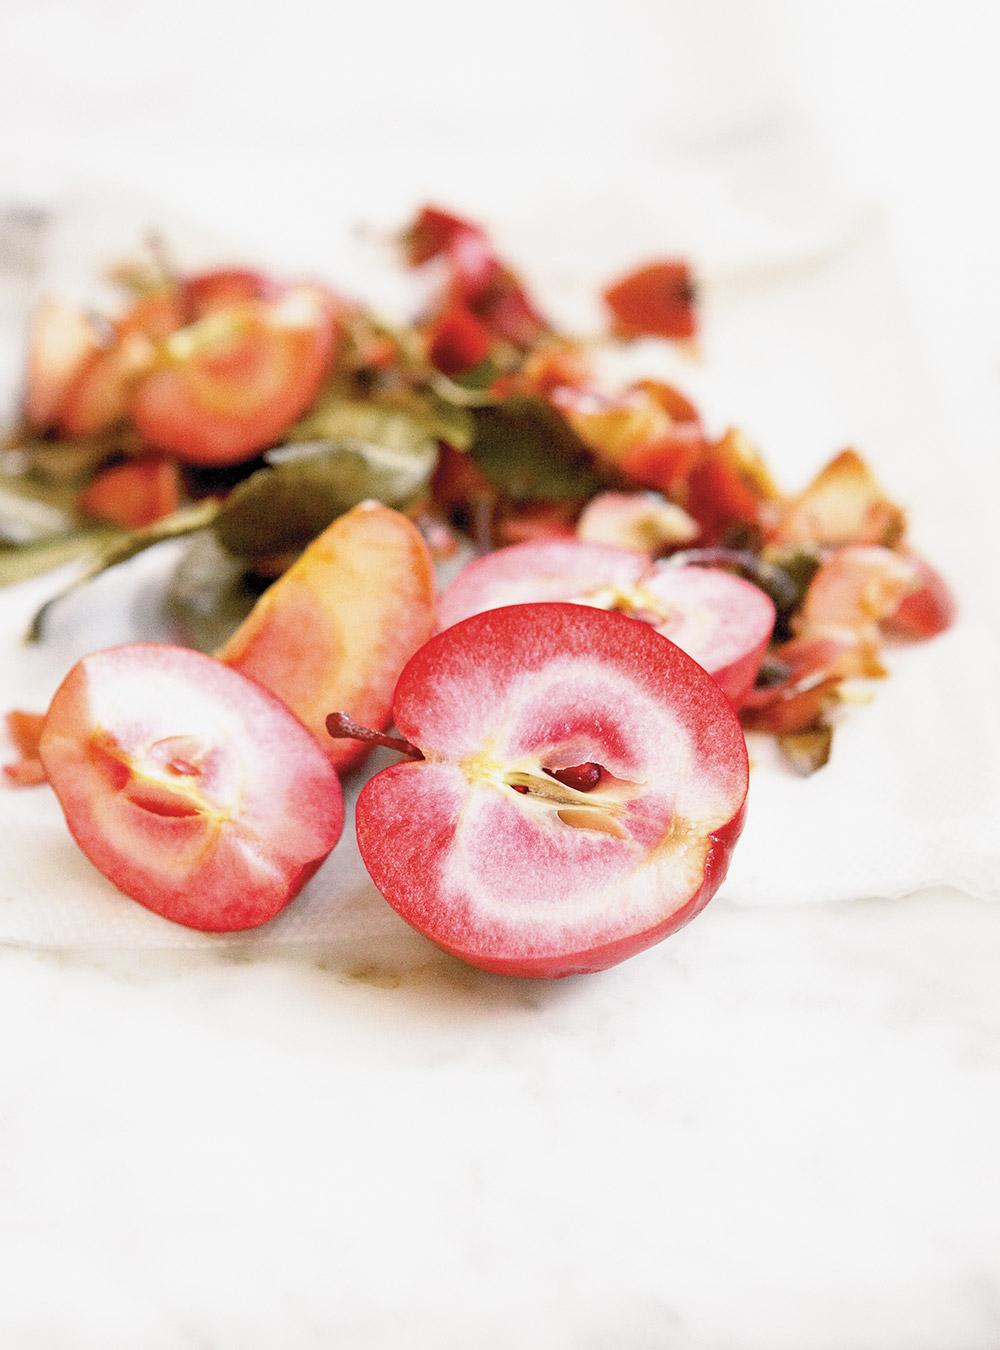 Confiture de rhubarbe et de pommes | ricardo